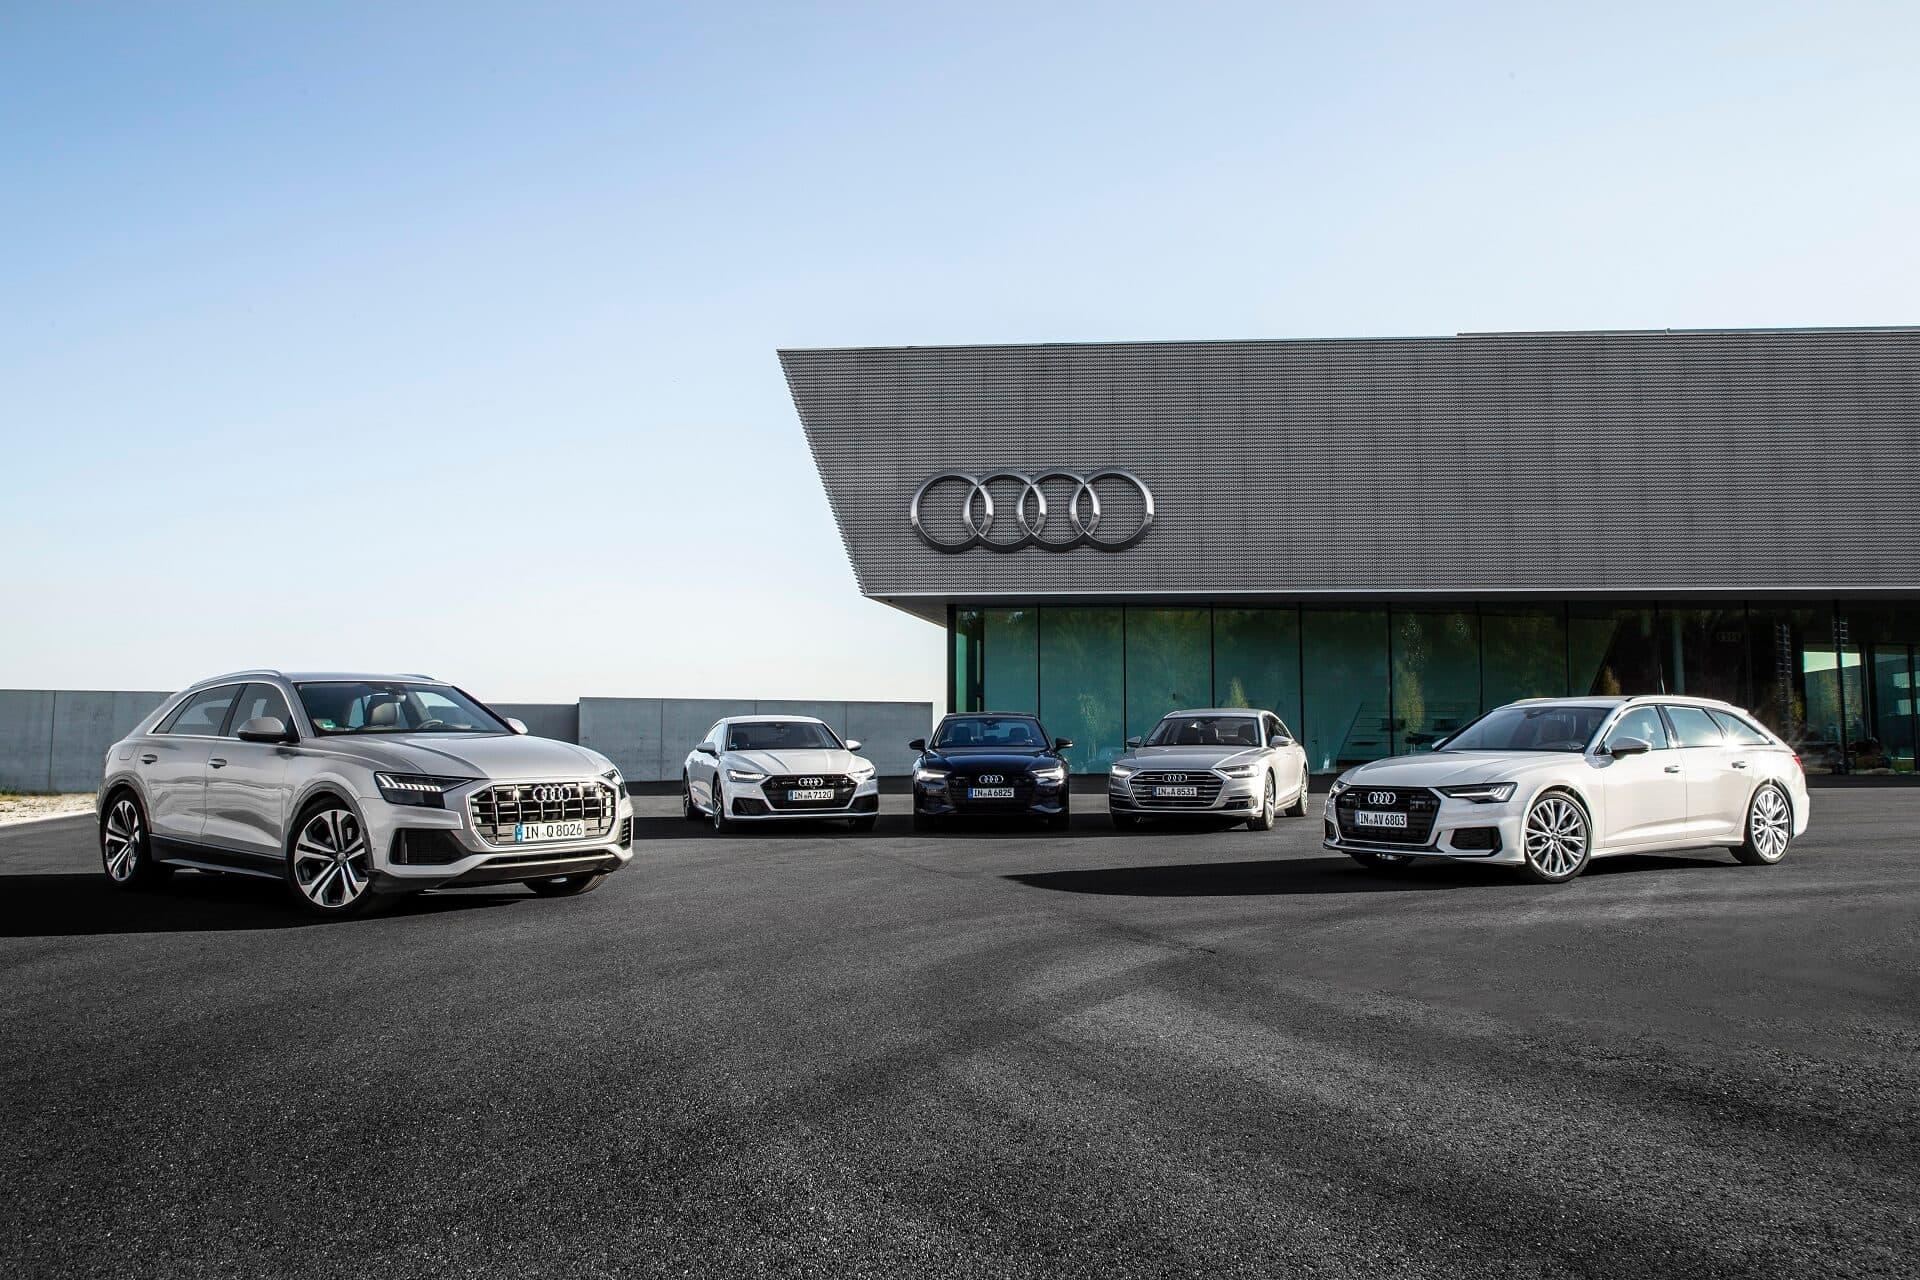 Αυτοκίνητα AUDI - Audi Q8, A8, A7, A6